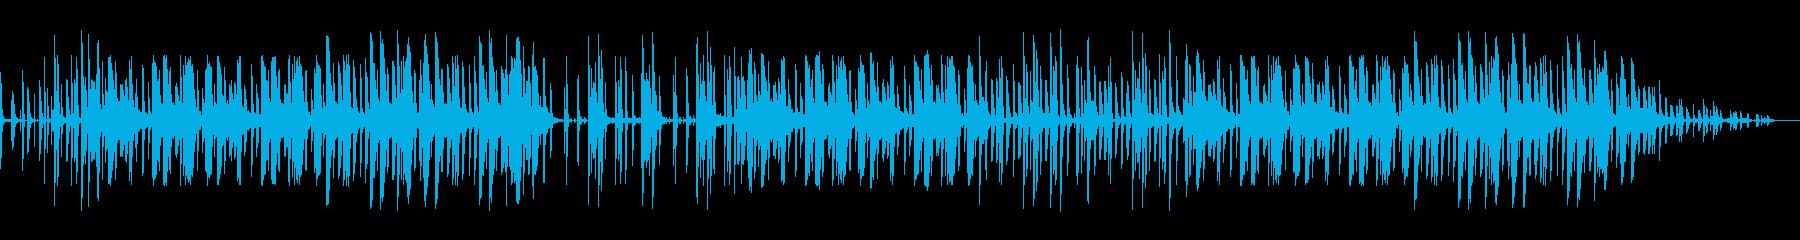 yeah というゆっくりな明るいビートの再生済みの波形